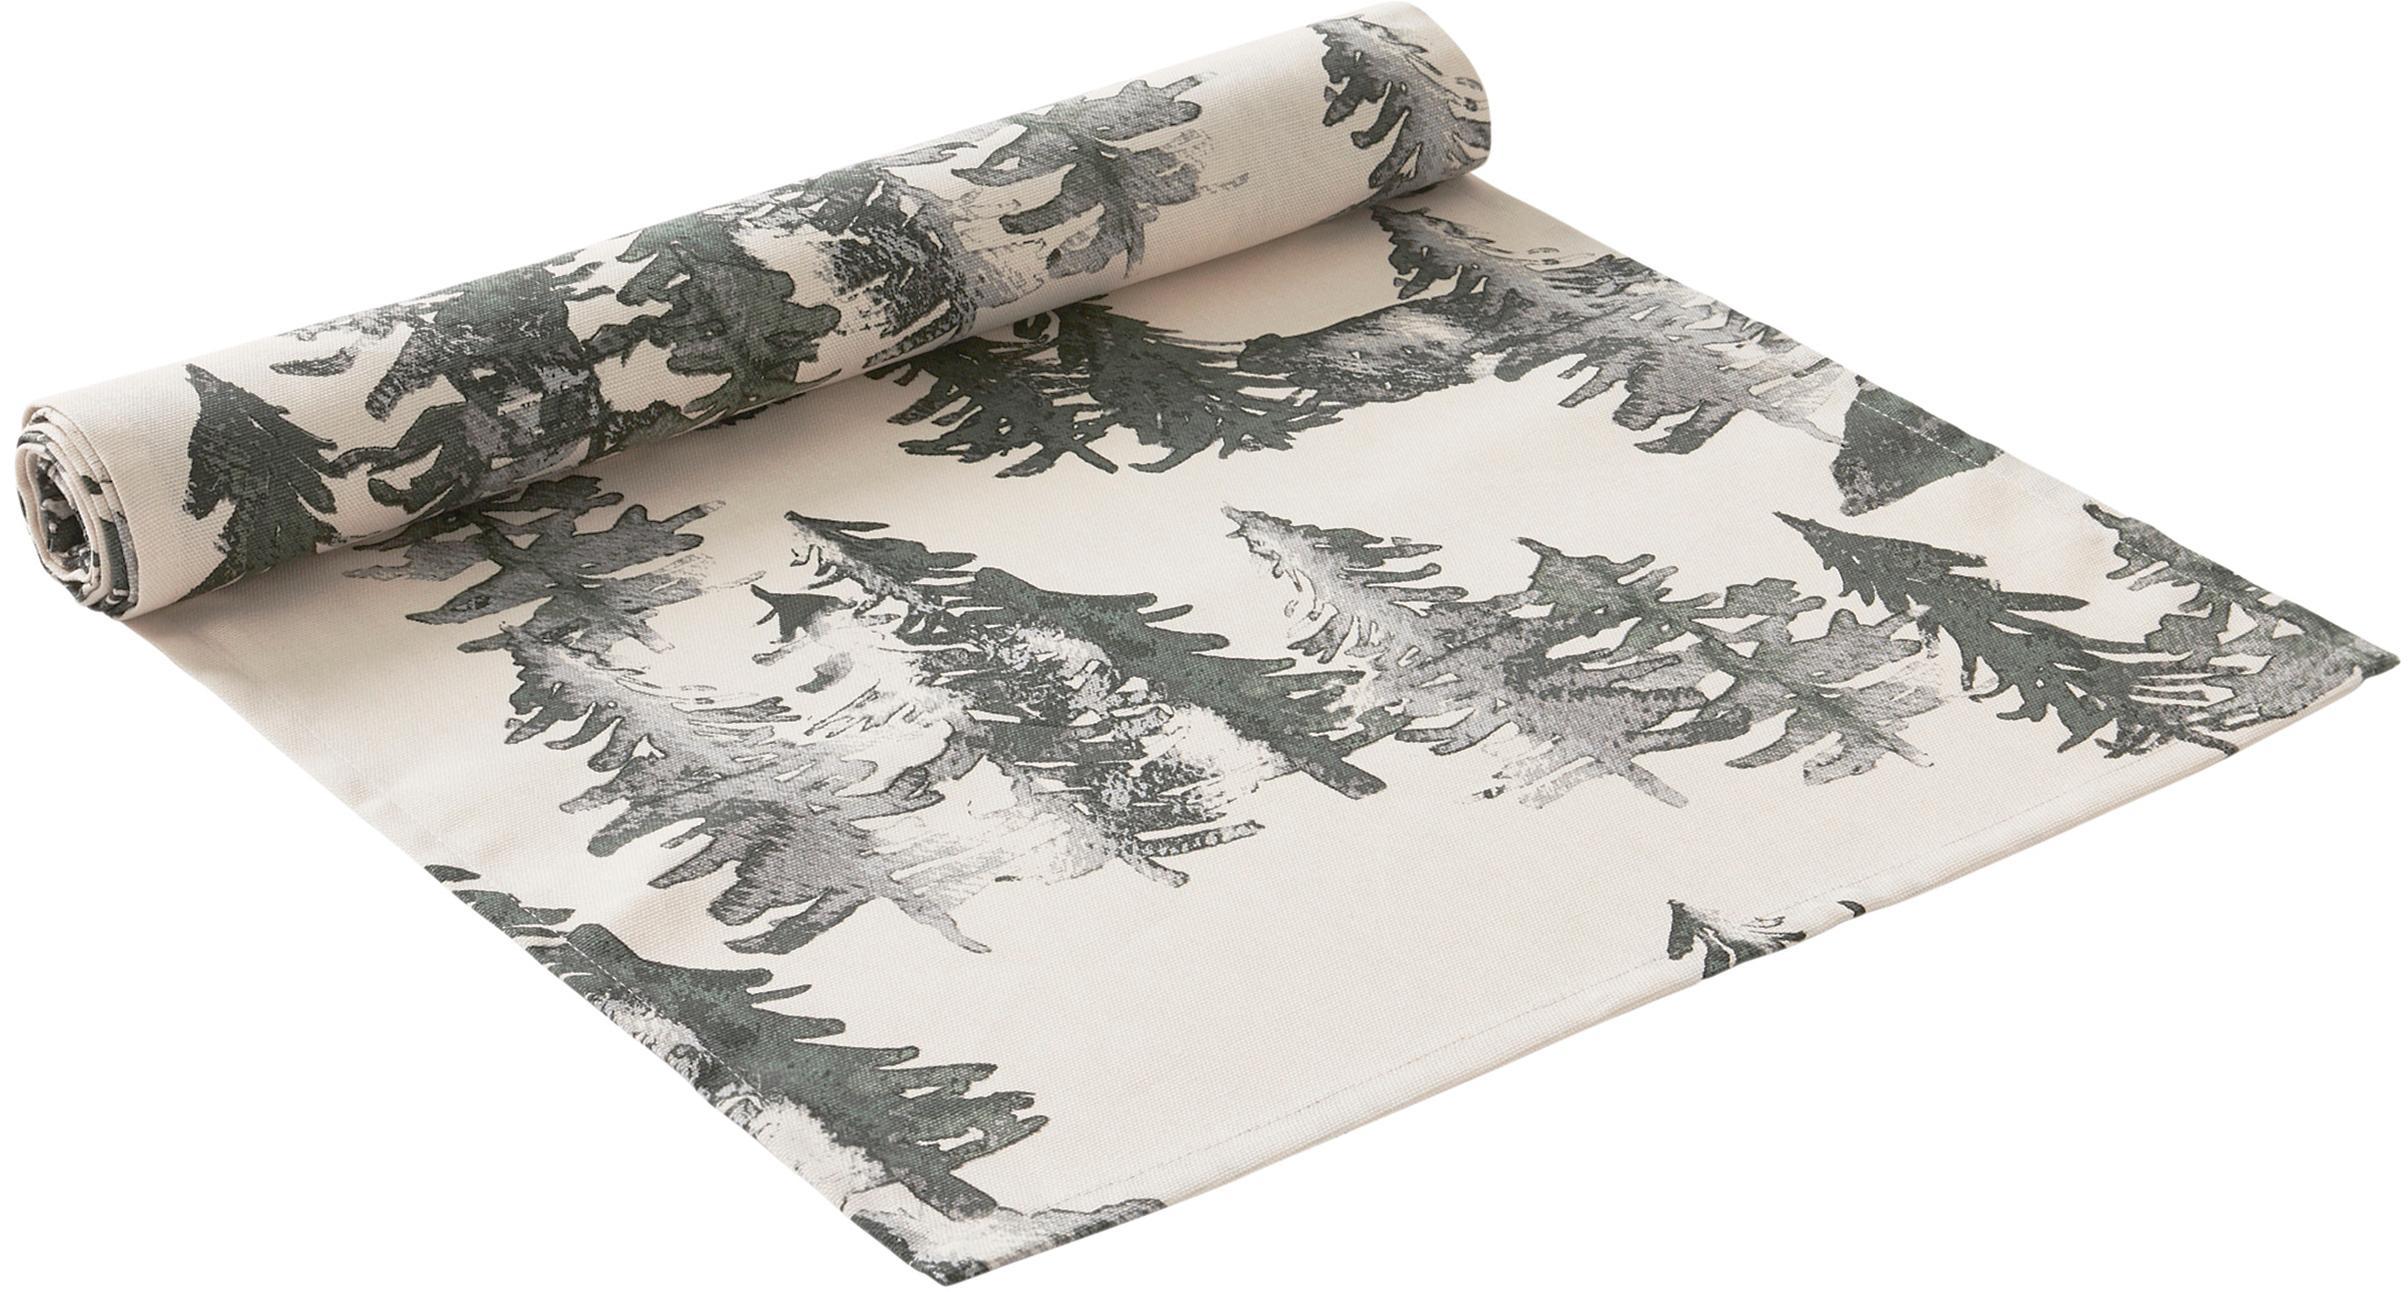 Tischläufer Forrest, 100% Baumwolle, aus nachhaltigem Baumwollanbau, Creme, Grün- und Grautöne, 40 x 140 cm